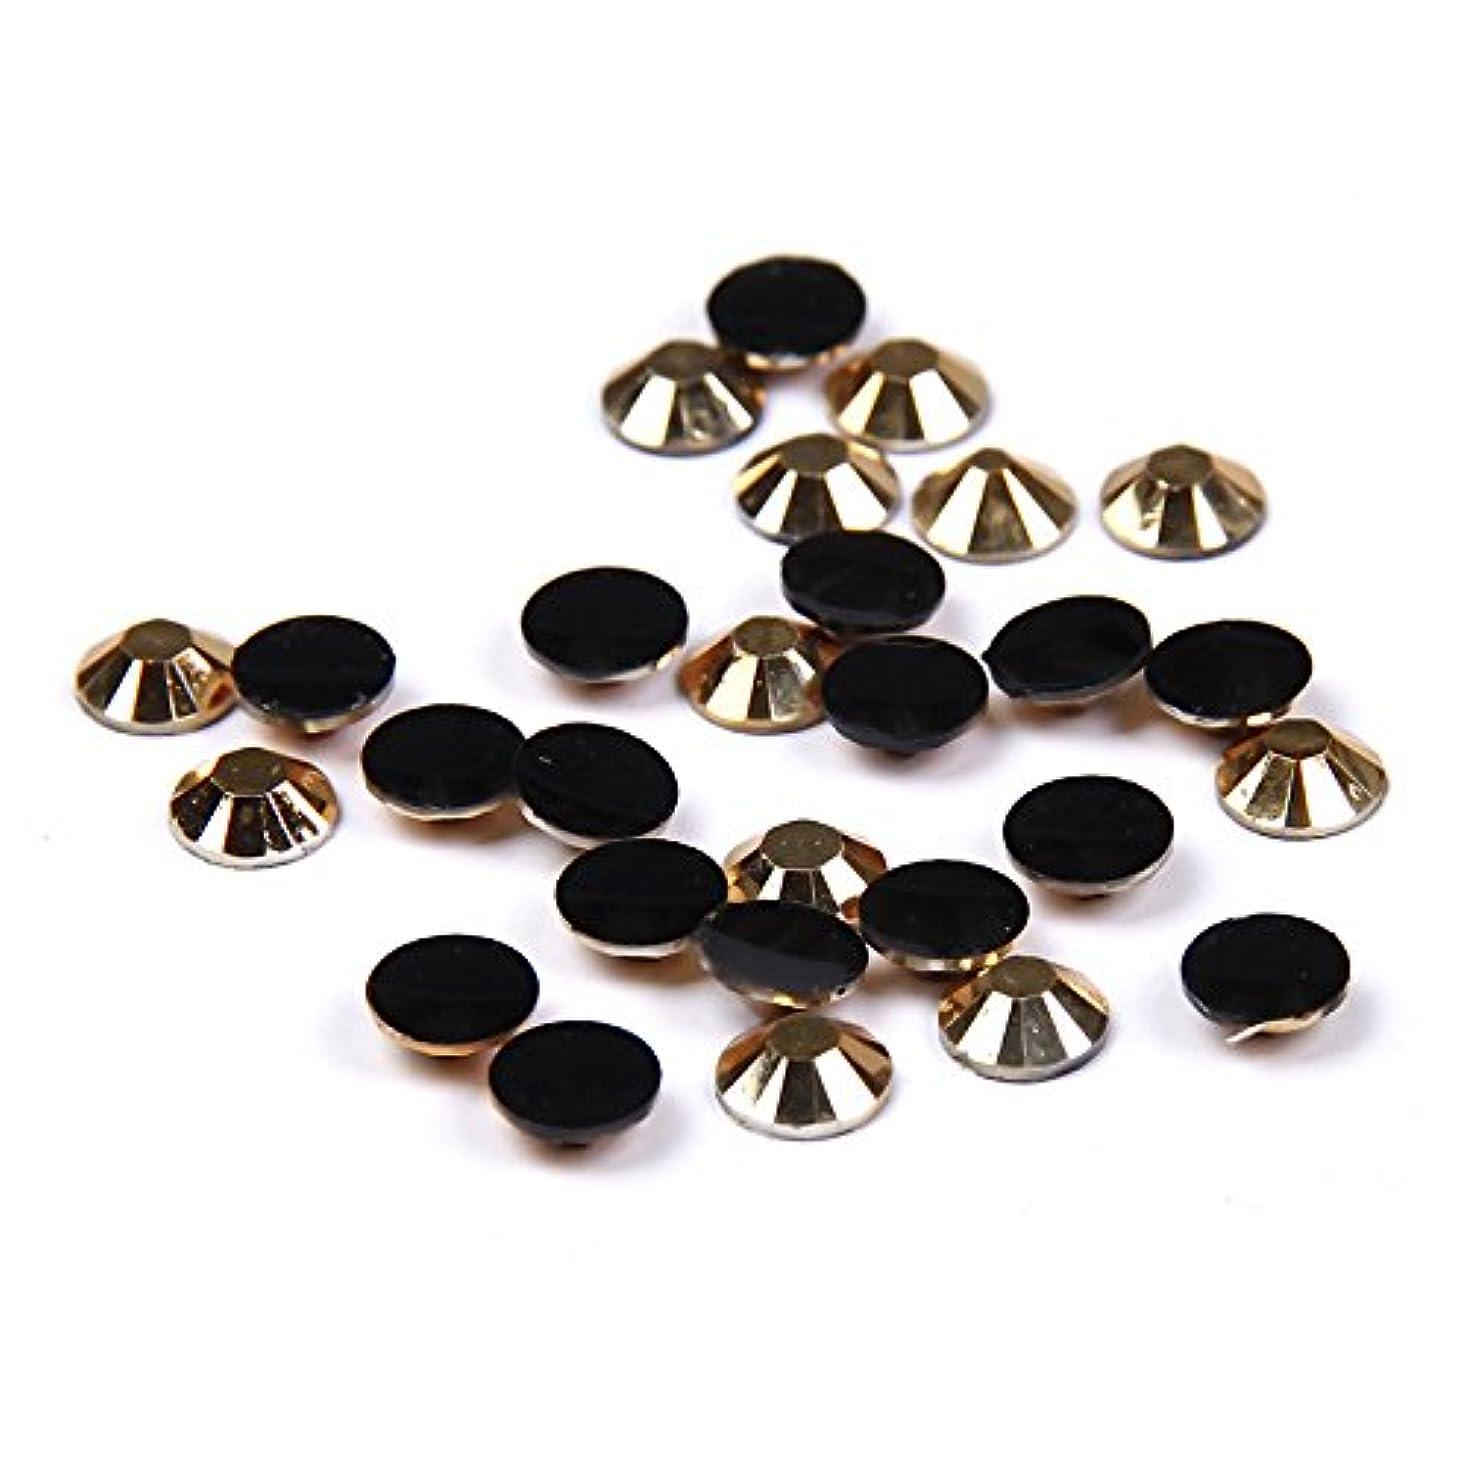 反発する出しますブルームNizi ジュエリー ブランド ゴールド ラインストーン は樹脂材質 ネイル使用 型番2mm-6mm (2mm 10000pcs)